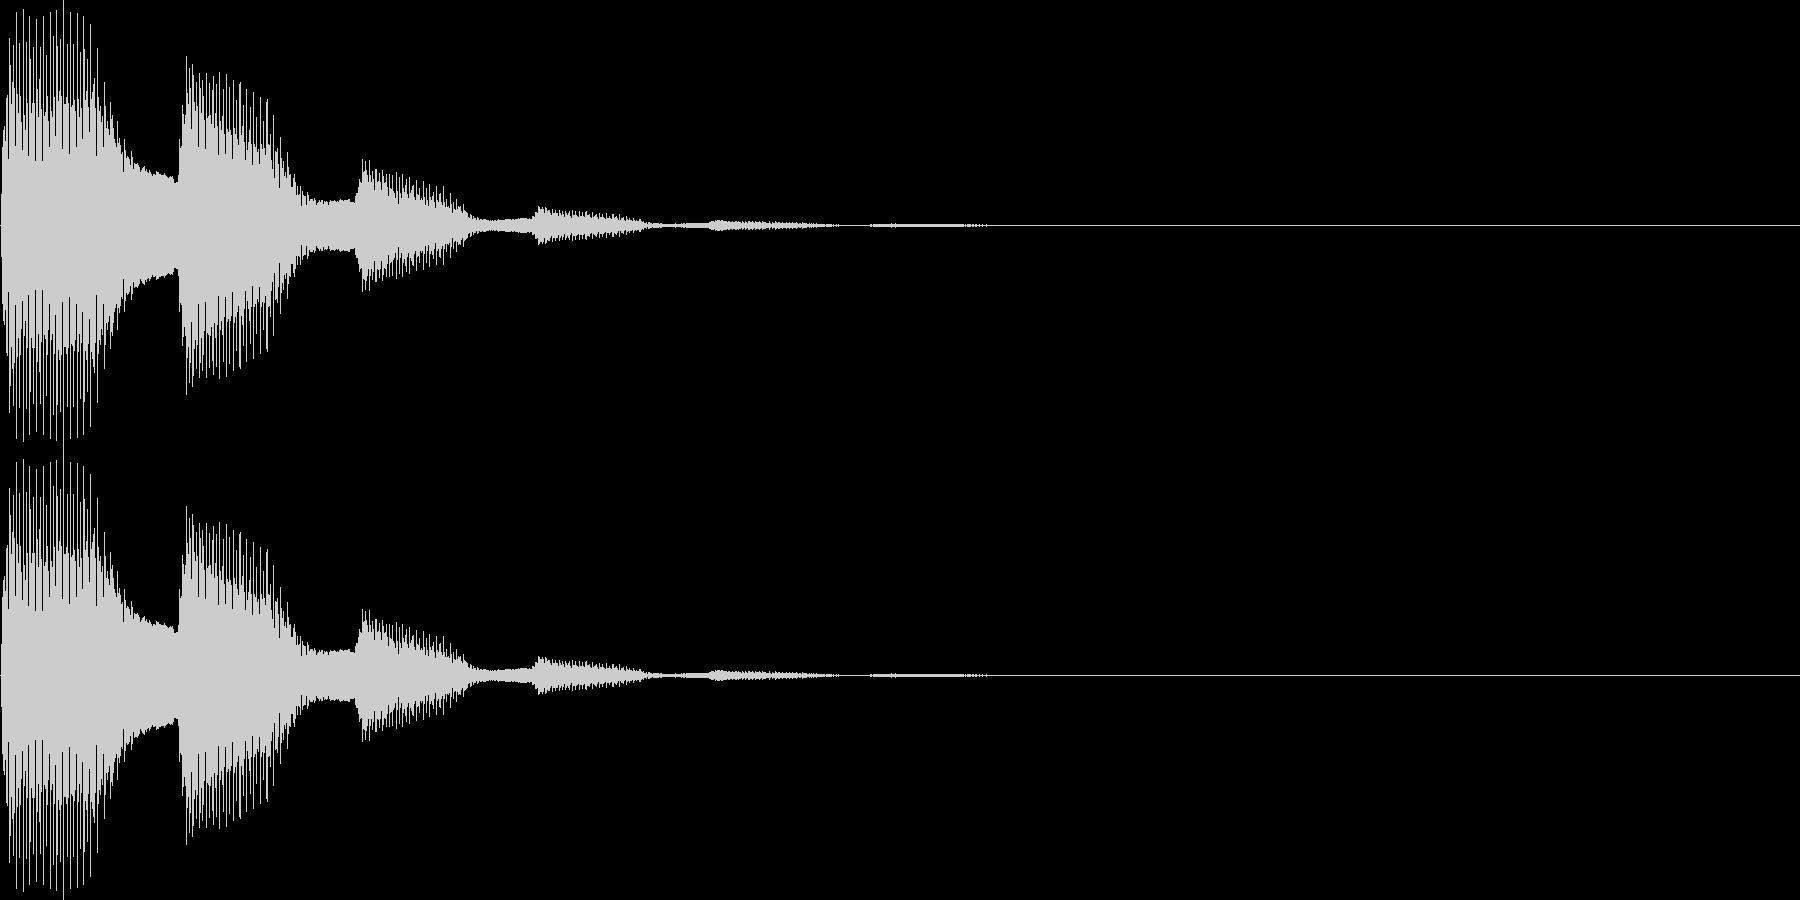 ピピン(表示、キャンセル、ボタン)の未再生の波形